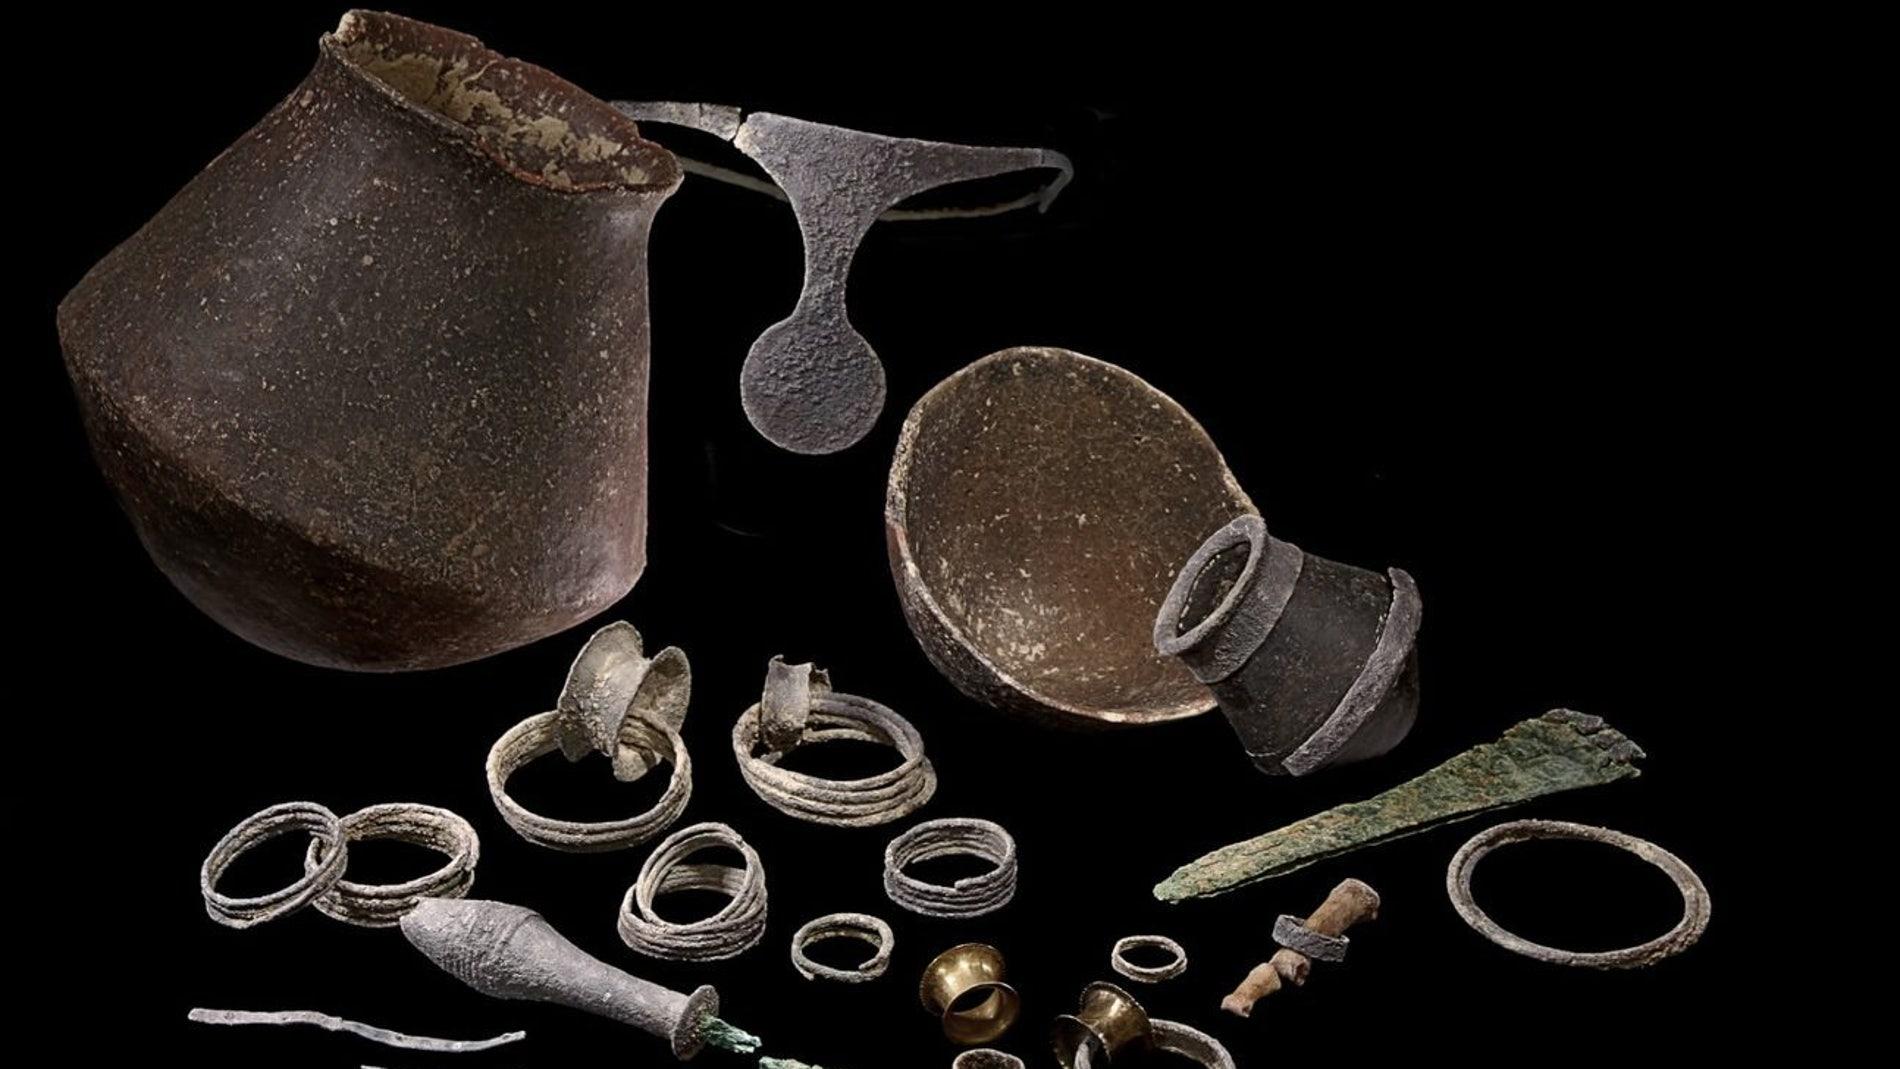 Las mujeres de la elite pudieron gobernar en El Argar hace 4.000 anos